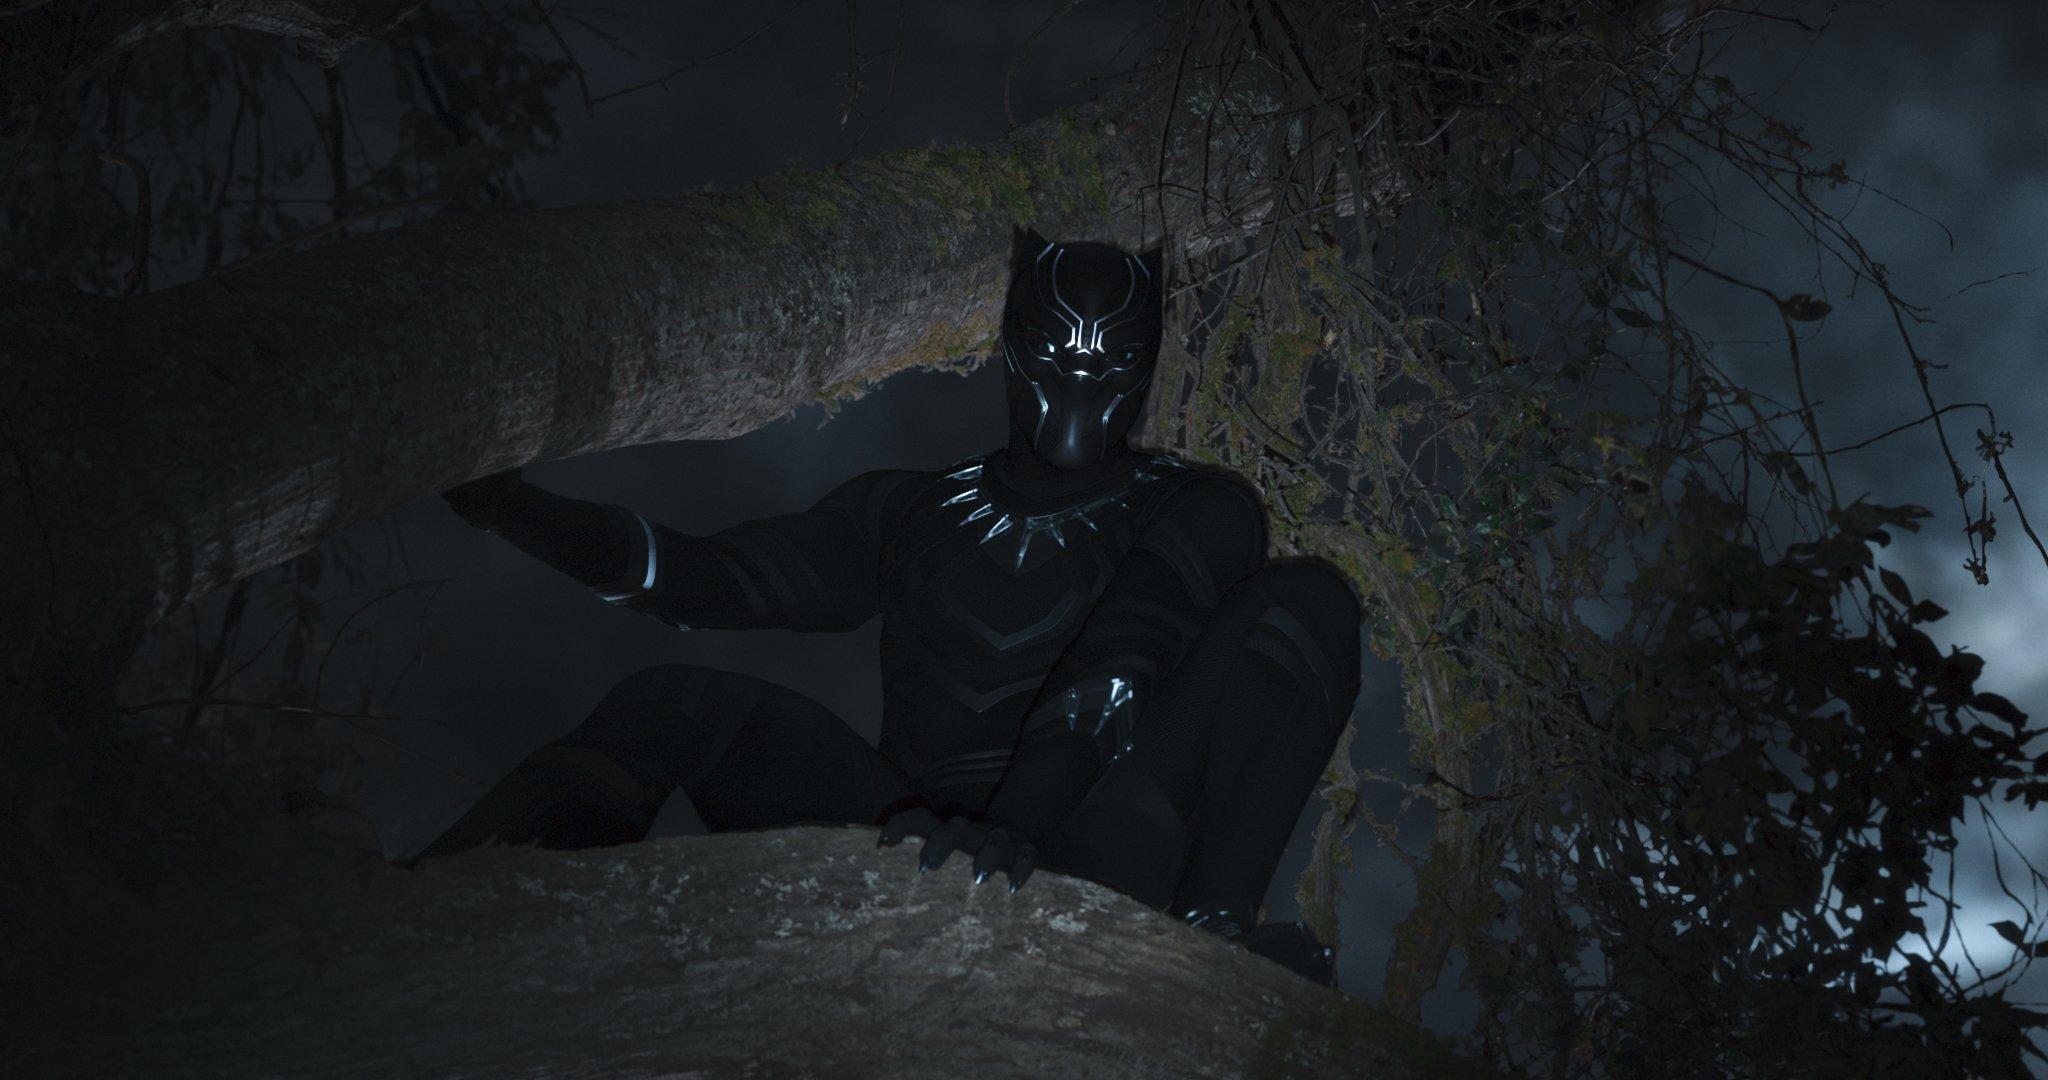 Photo du film Black Panther réalisé par Ryan Coogler avec Black Panther dans les arbres et éclairé à la lampe torche